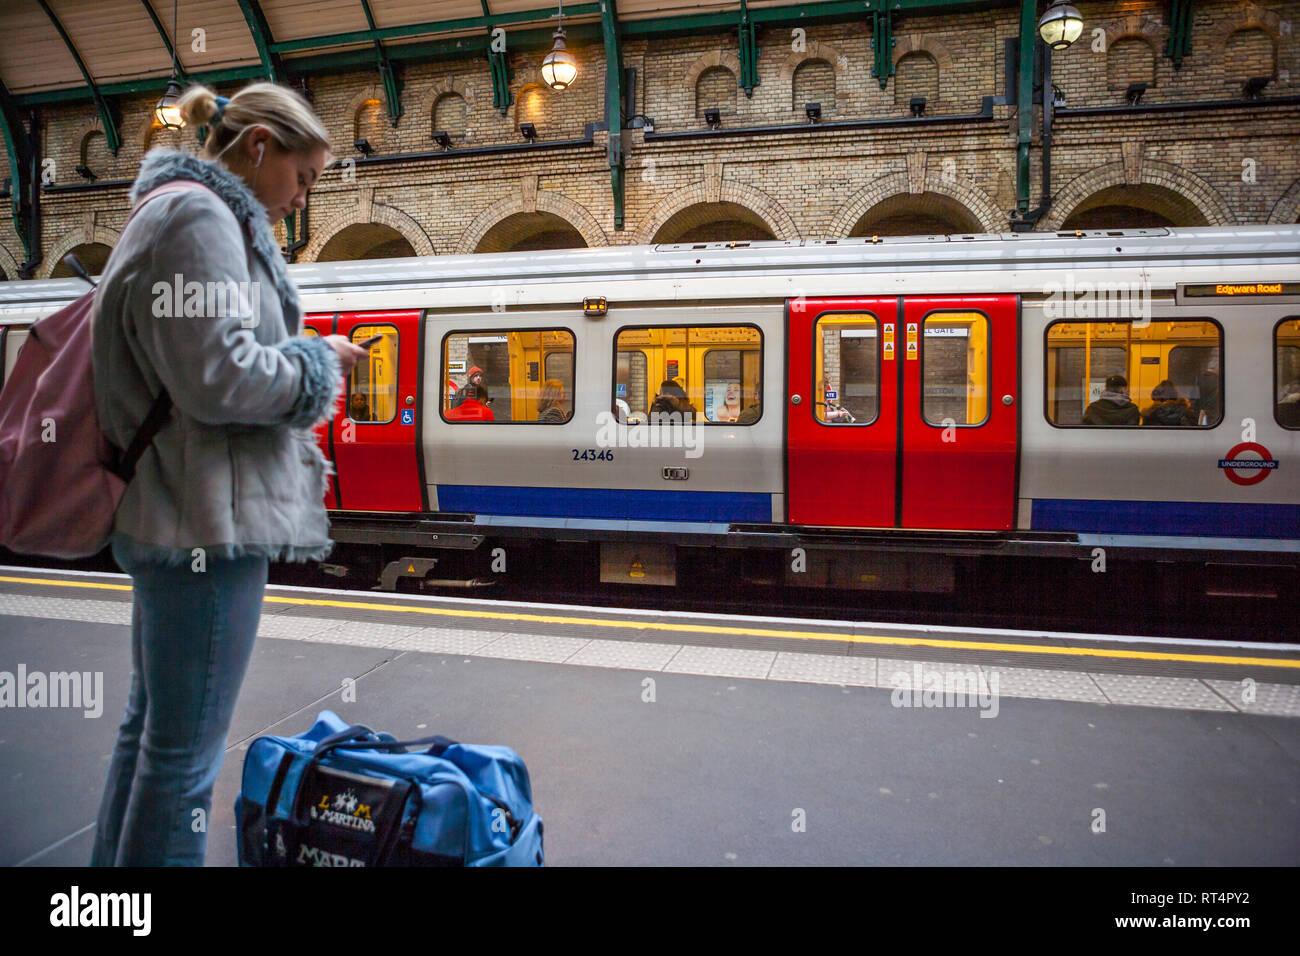 Waiting on Notting Hill Gate tube station platform, London - Stock Image